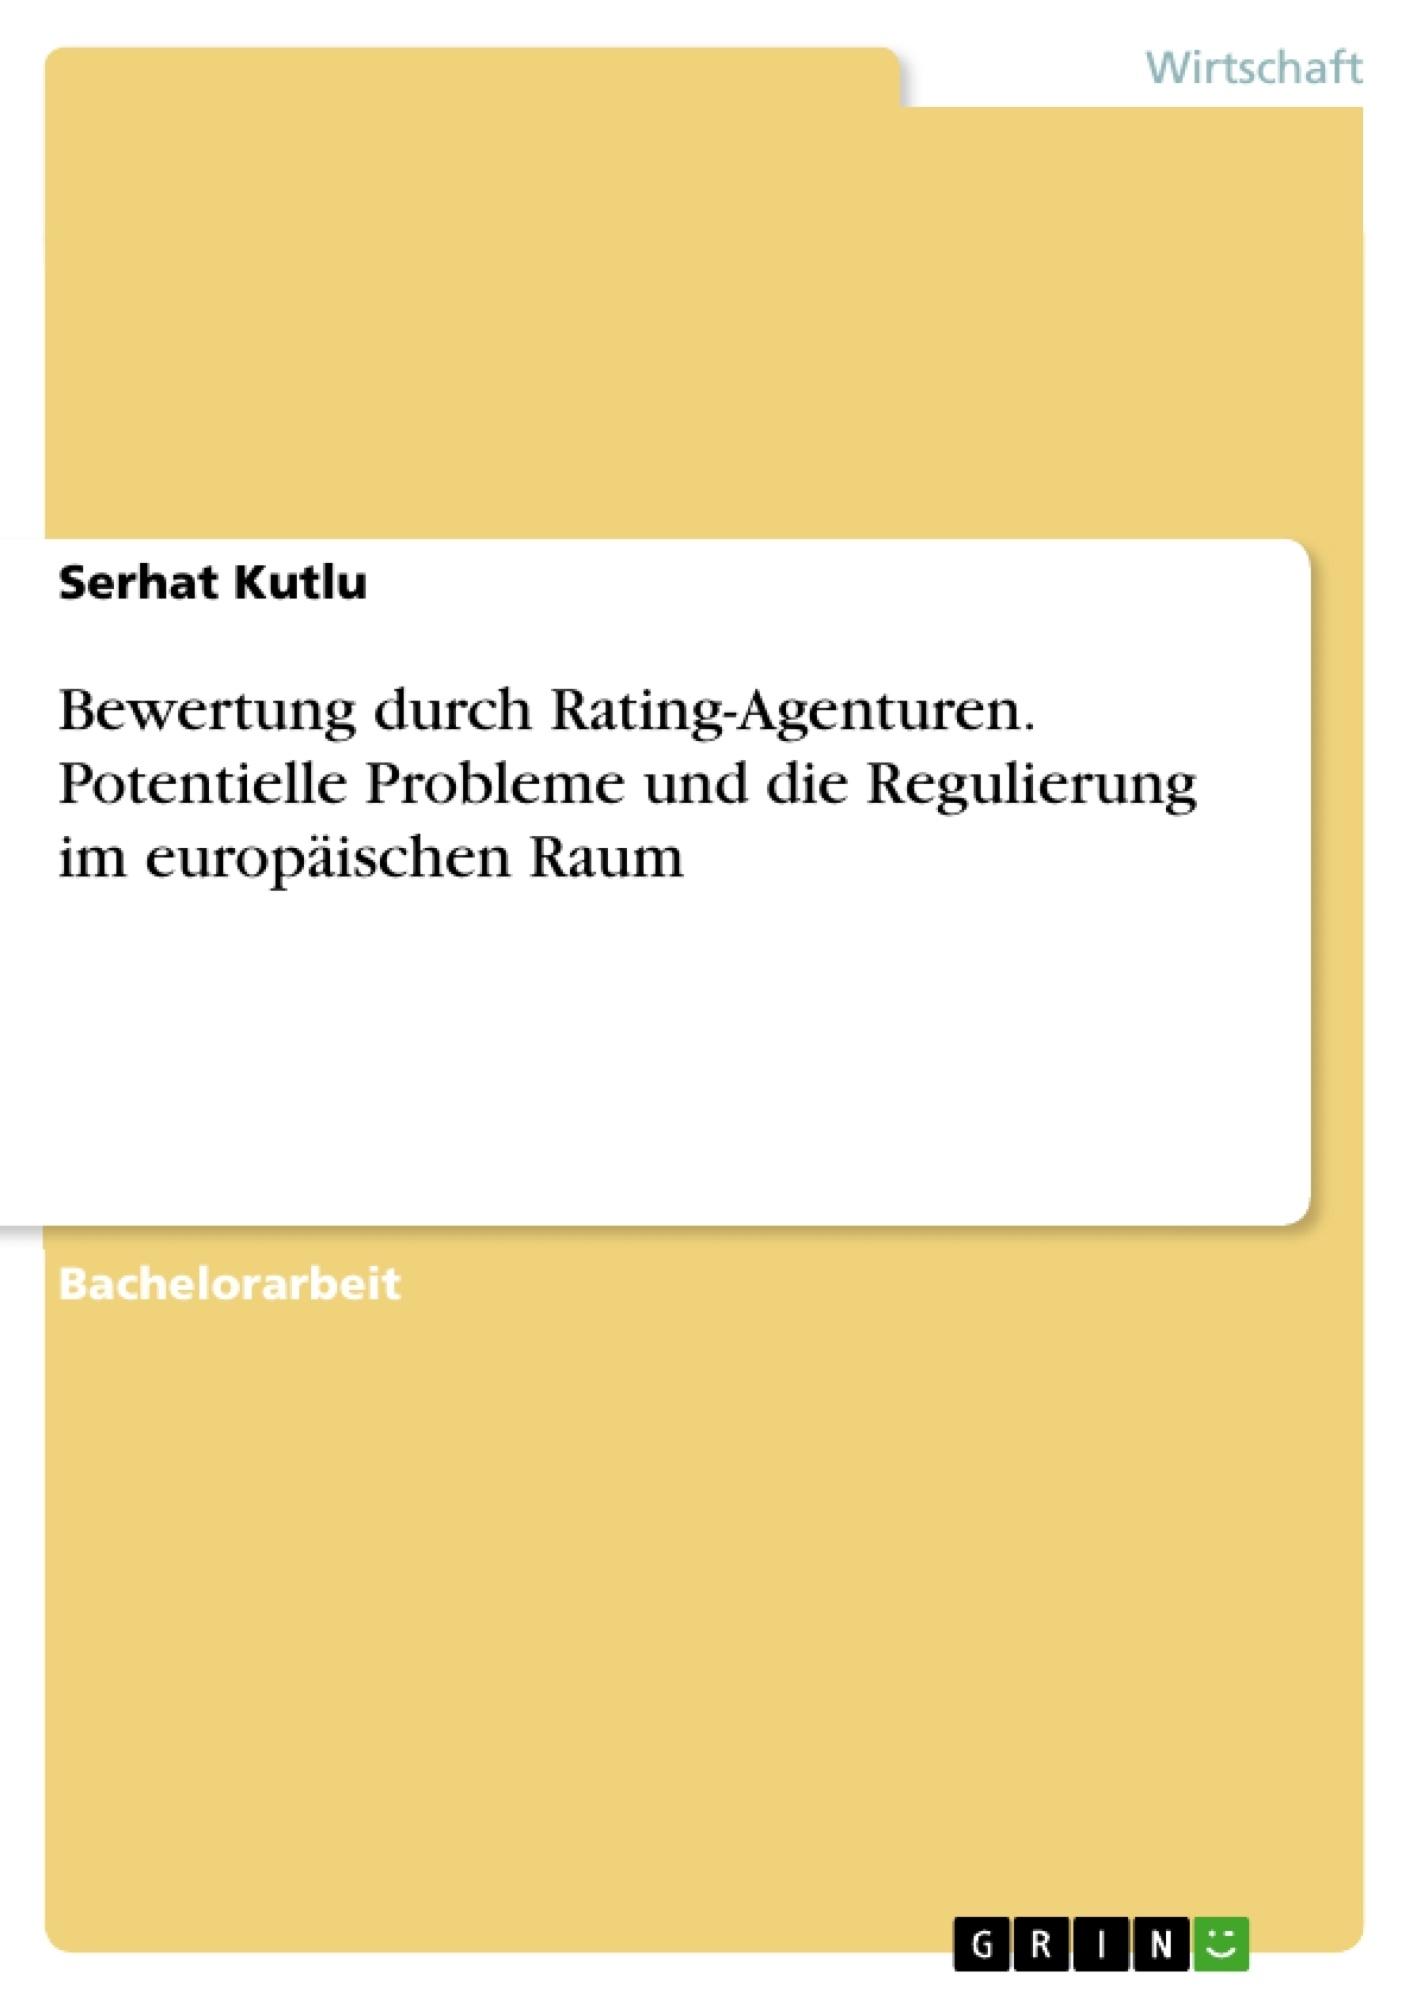 Titel: Bewertung durch Rating-Agenturen. Potentielle Probleme und die Regulierung im europäischen Raum